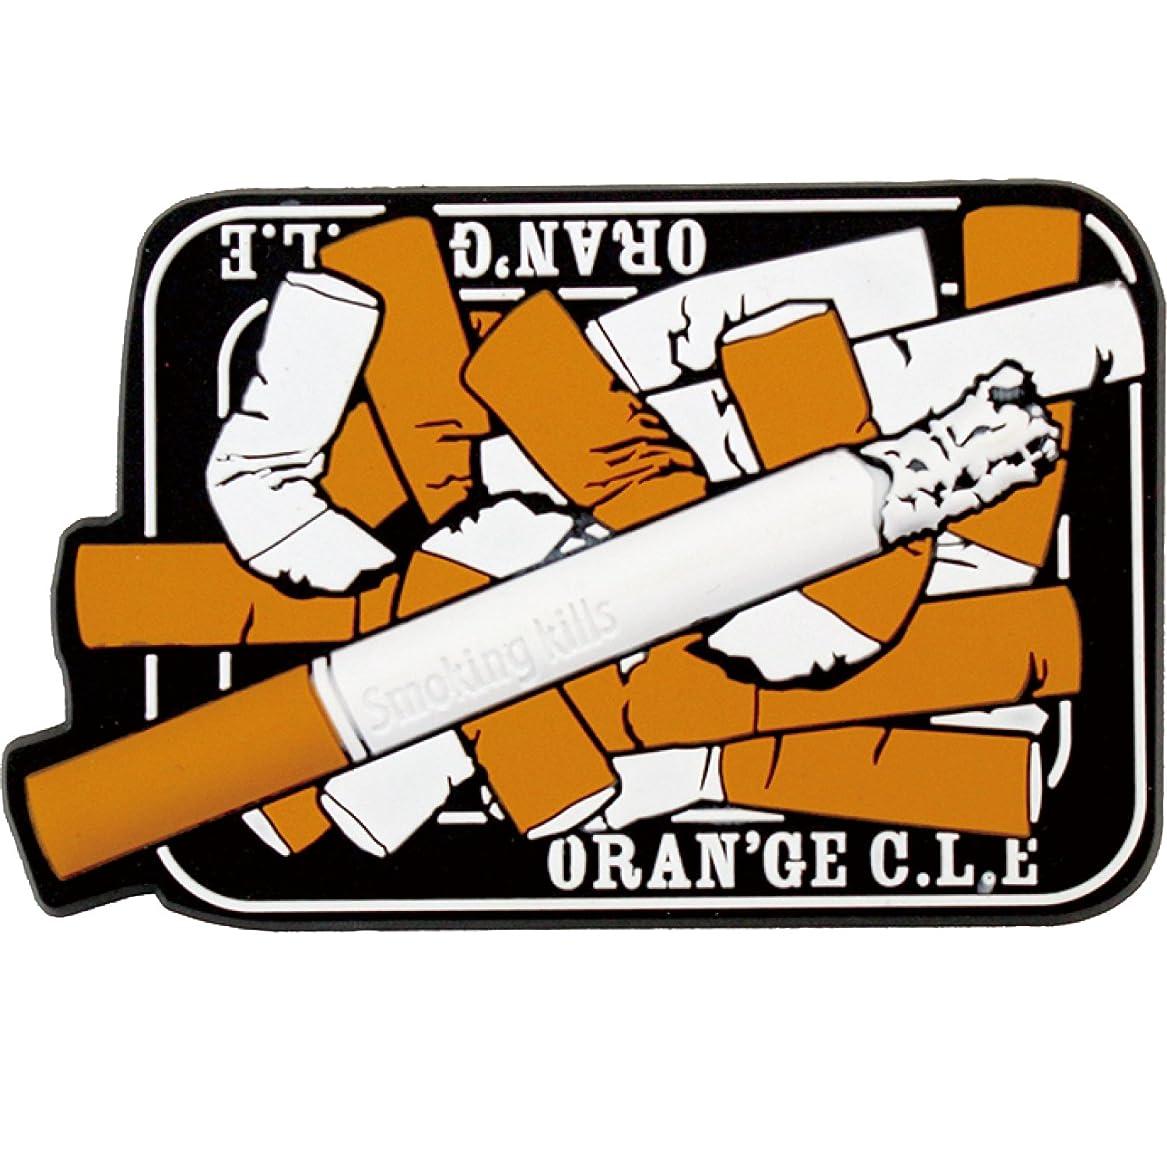 チャンバー不屈フォローOrange(オレンジ) スノーボード用デッキパッド ORAN'GE 滑り止め ゴムタイプ タバコGMマット #110652